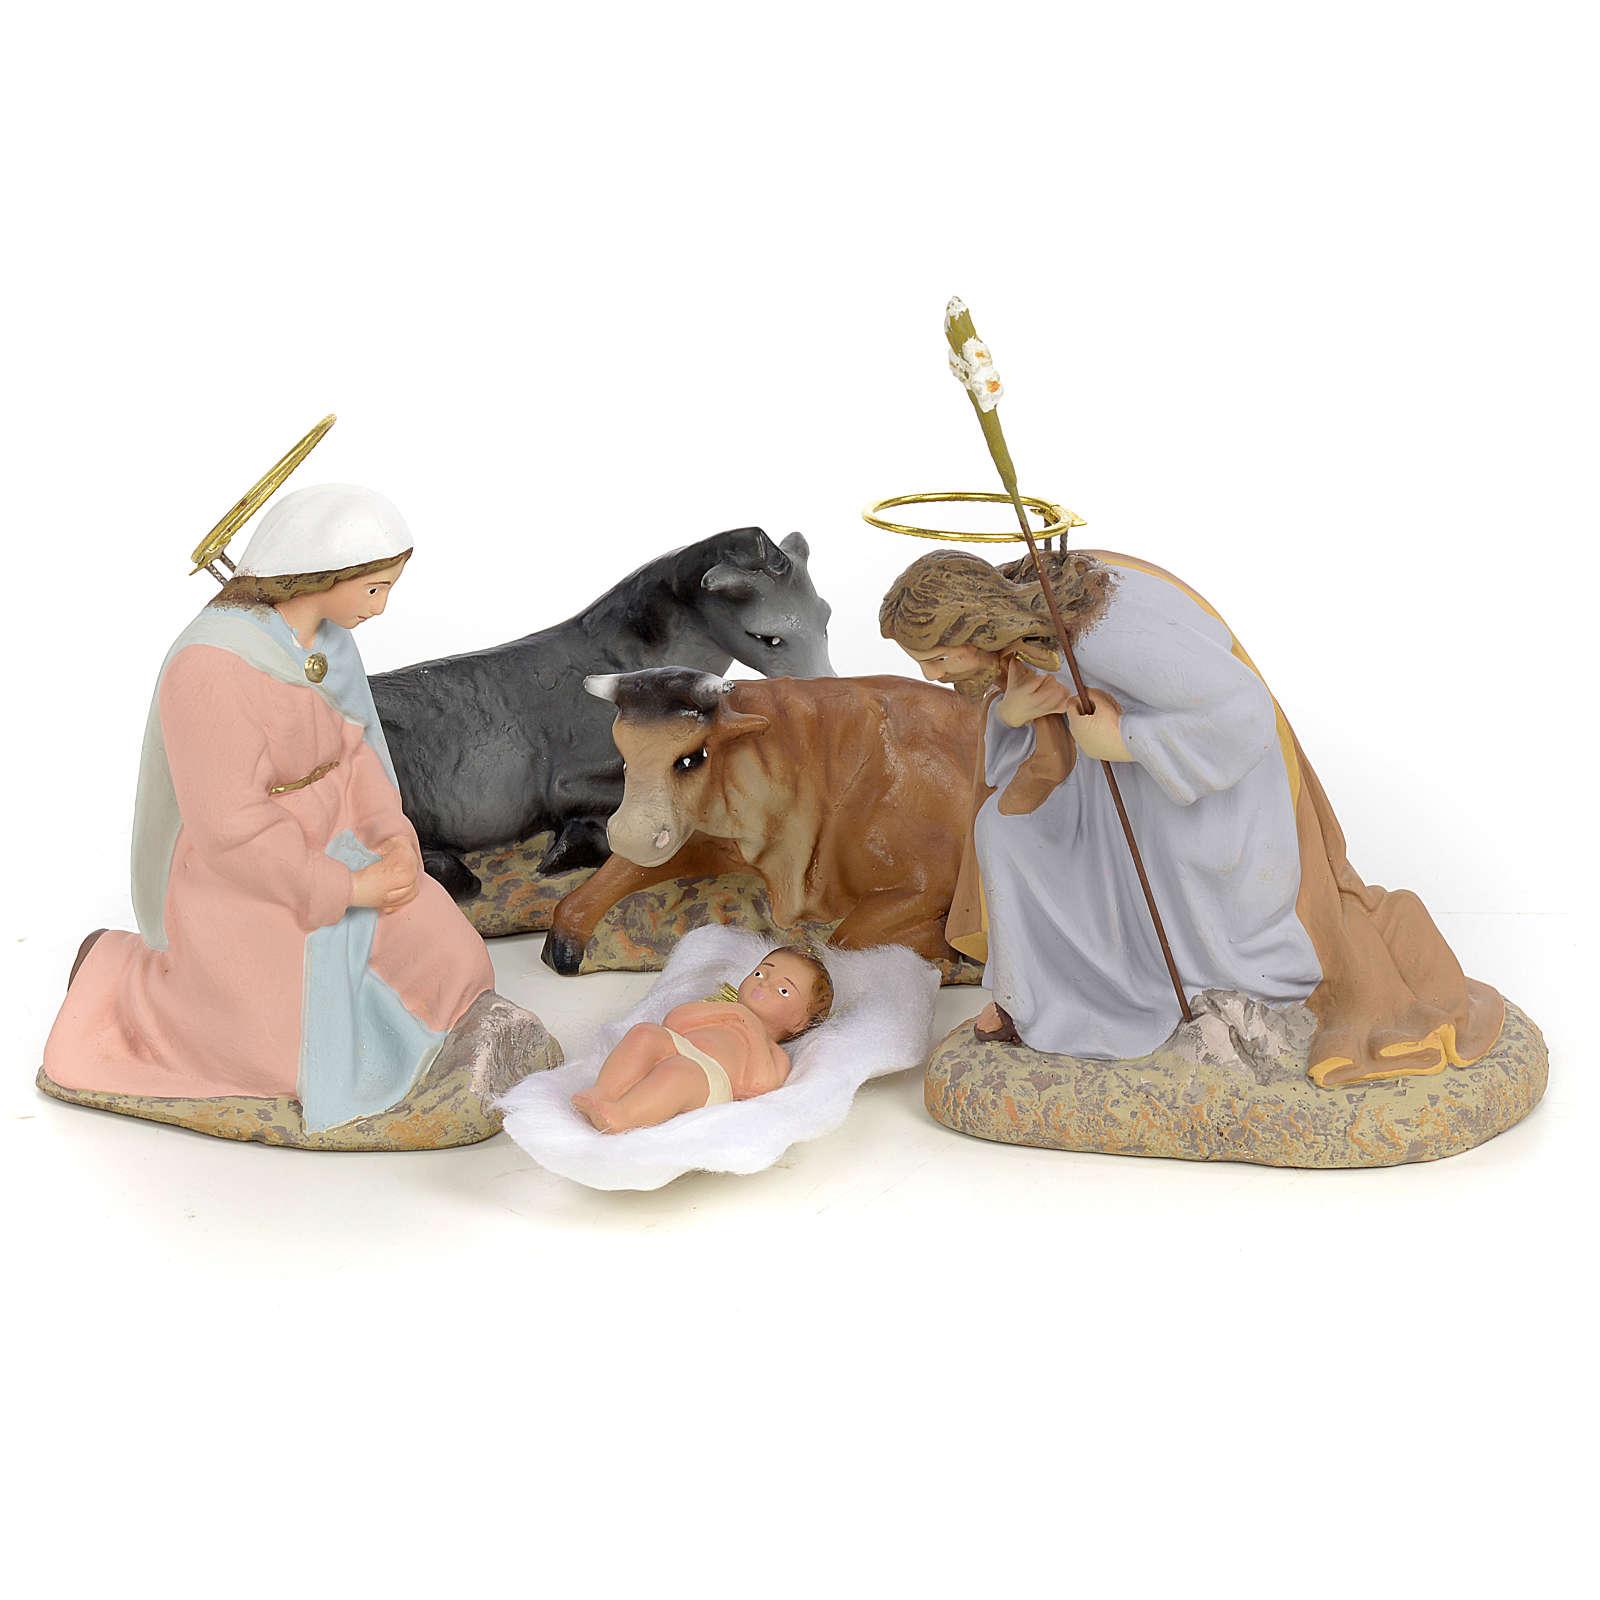 Sainte Famille pâte à bois 40 cm finition raffinée 5 pcs 3